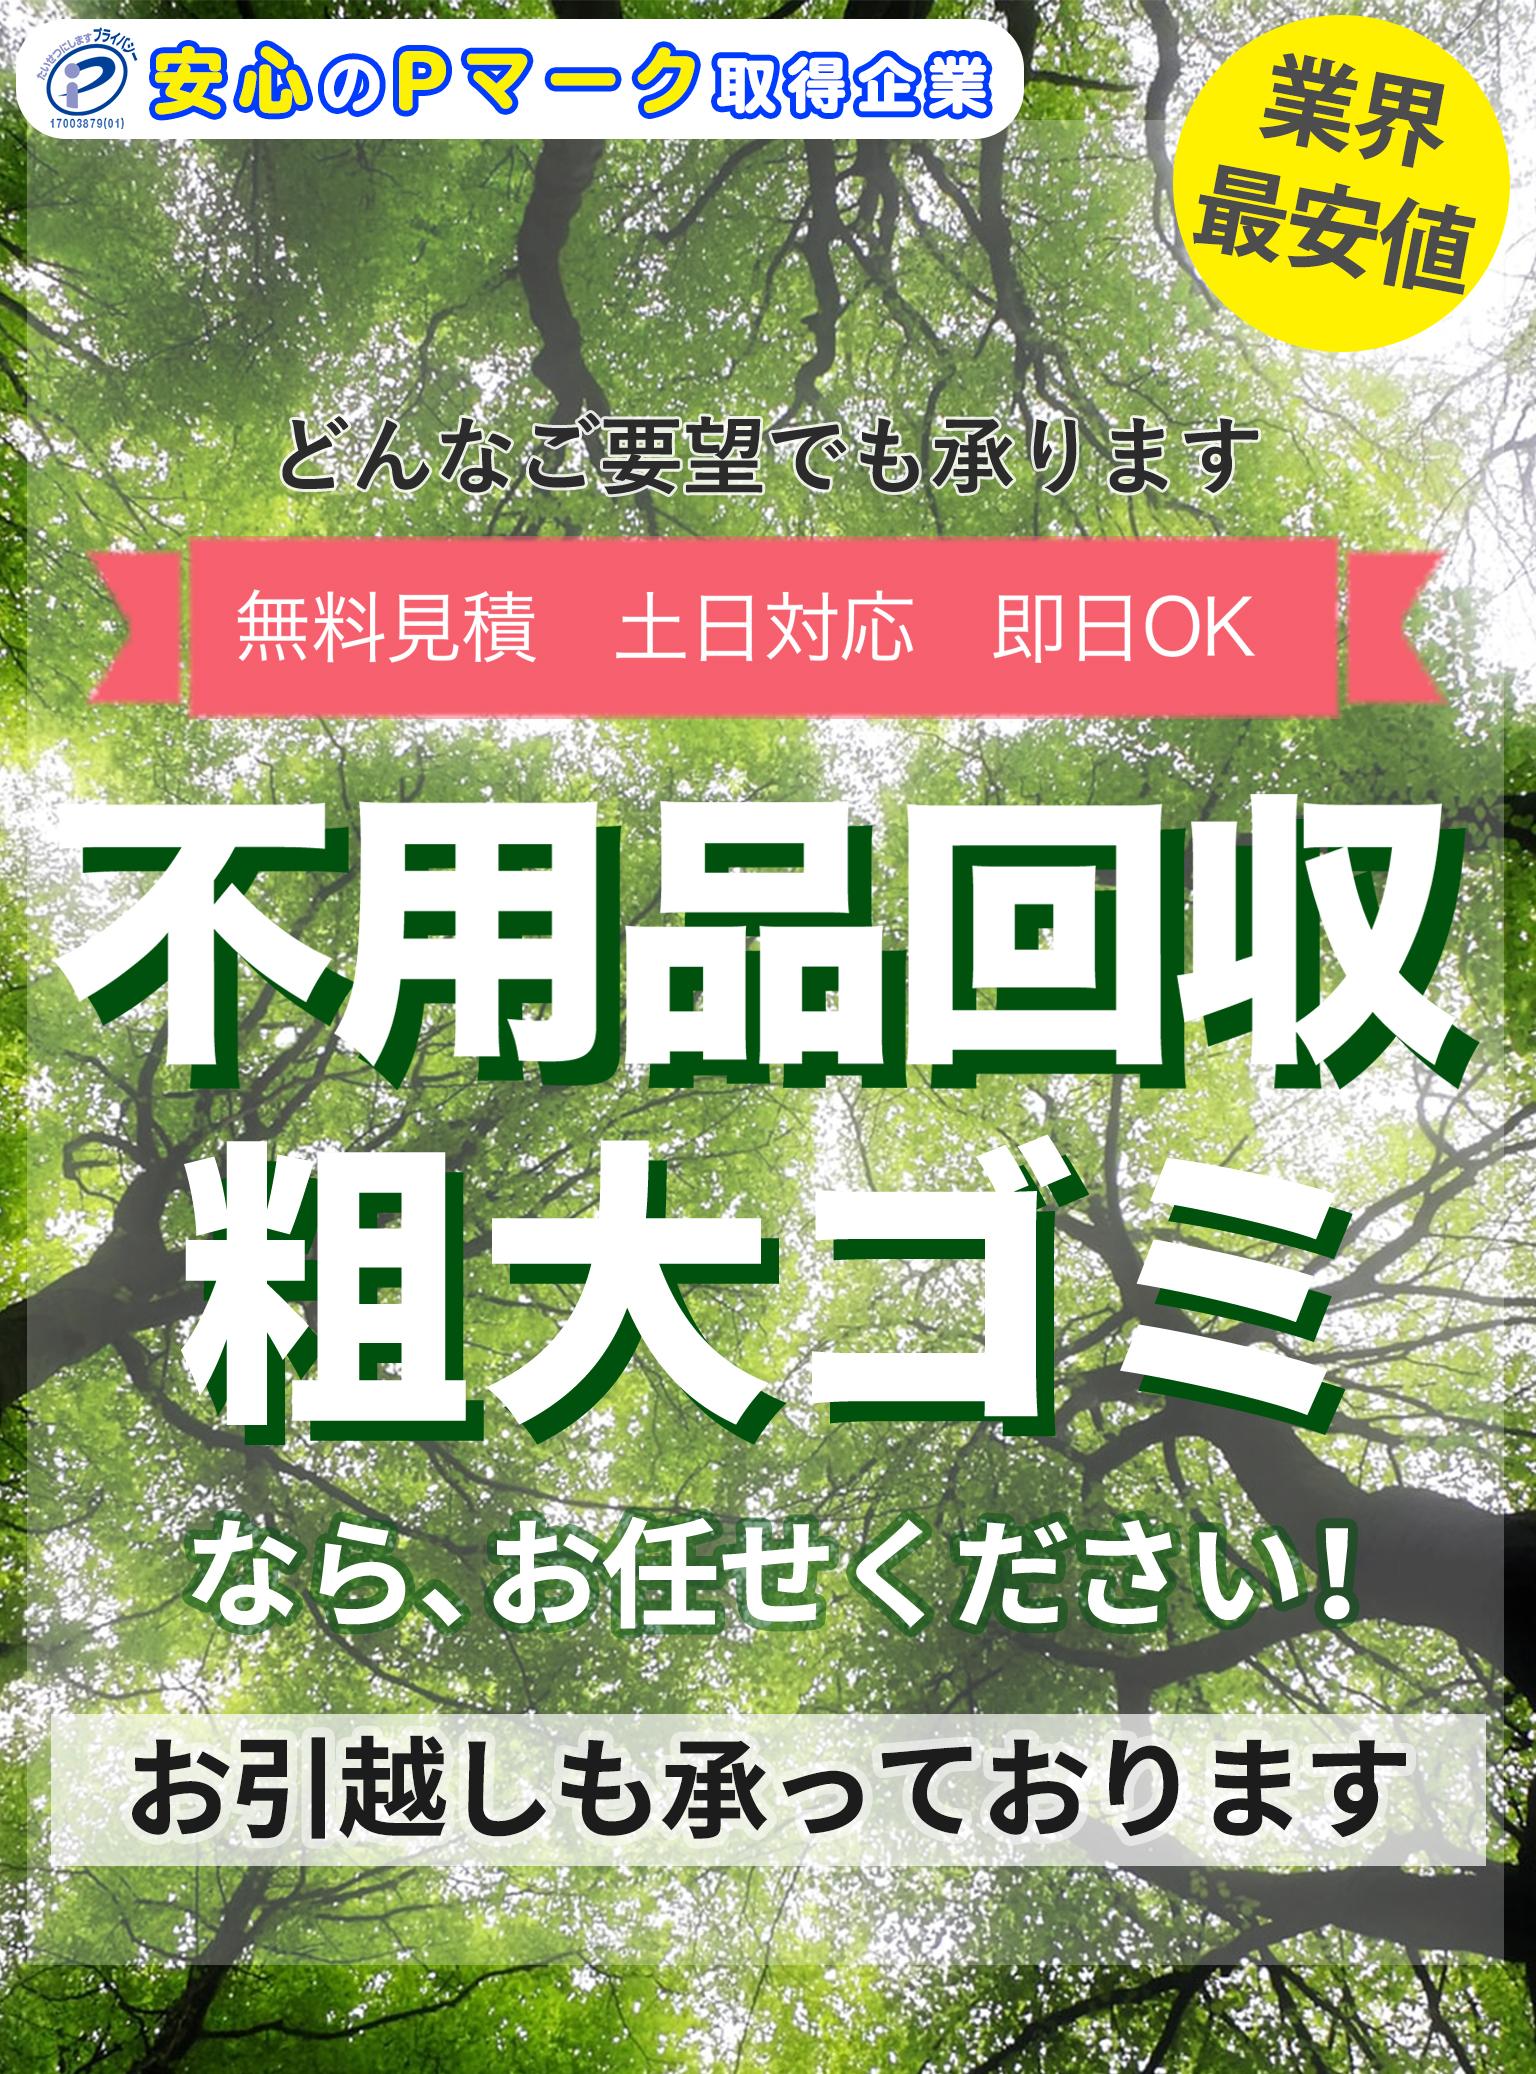 東京都内の粗大ゴミ回収、不用品回収、お引越し、家具家電の回収、ゴミ屋敷の清掃、遺品整理ならお任せください!業界最安値。即日対応。土日対応。無料見積。まずは「0120-97-2233」までお電話を!